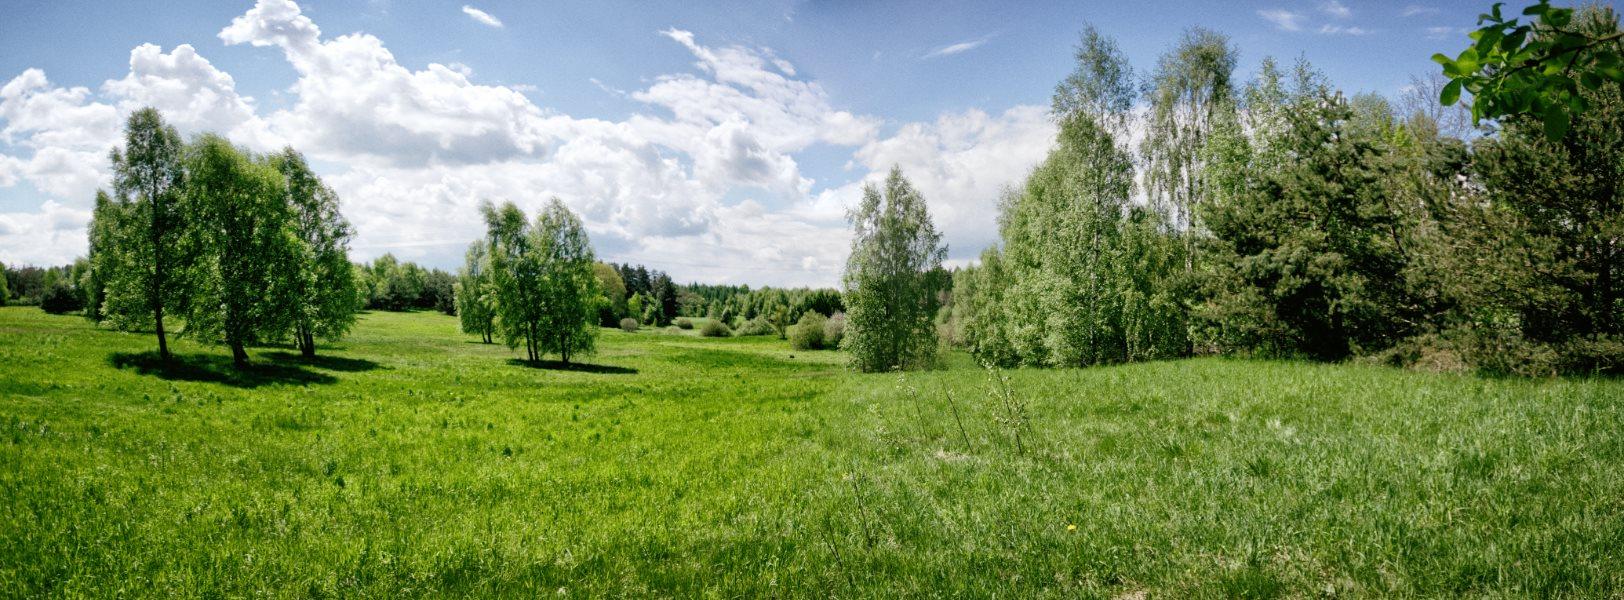 Działka siedliskowa na sprzedaż Graniczna Wieś  10072m2 Foto 1